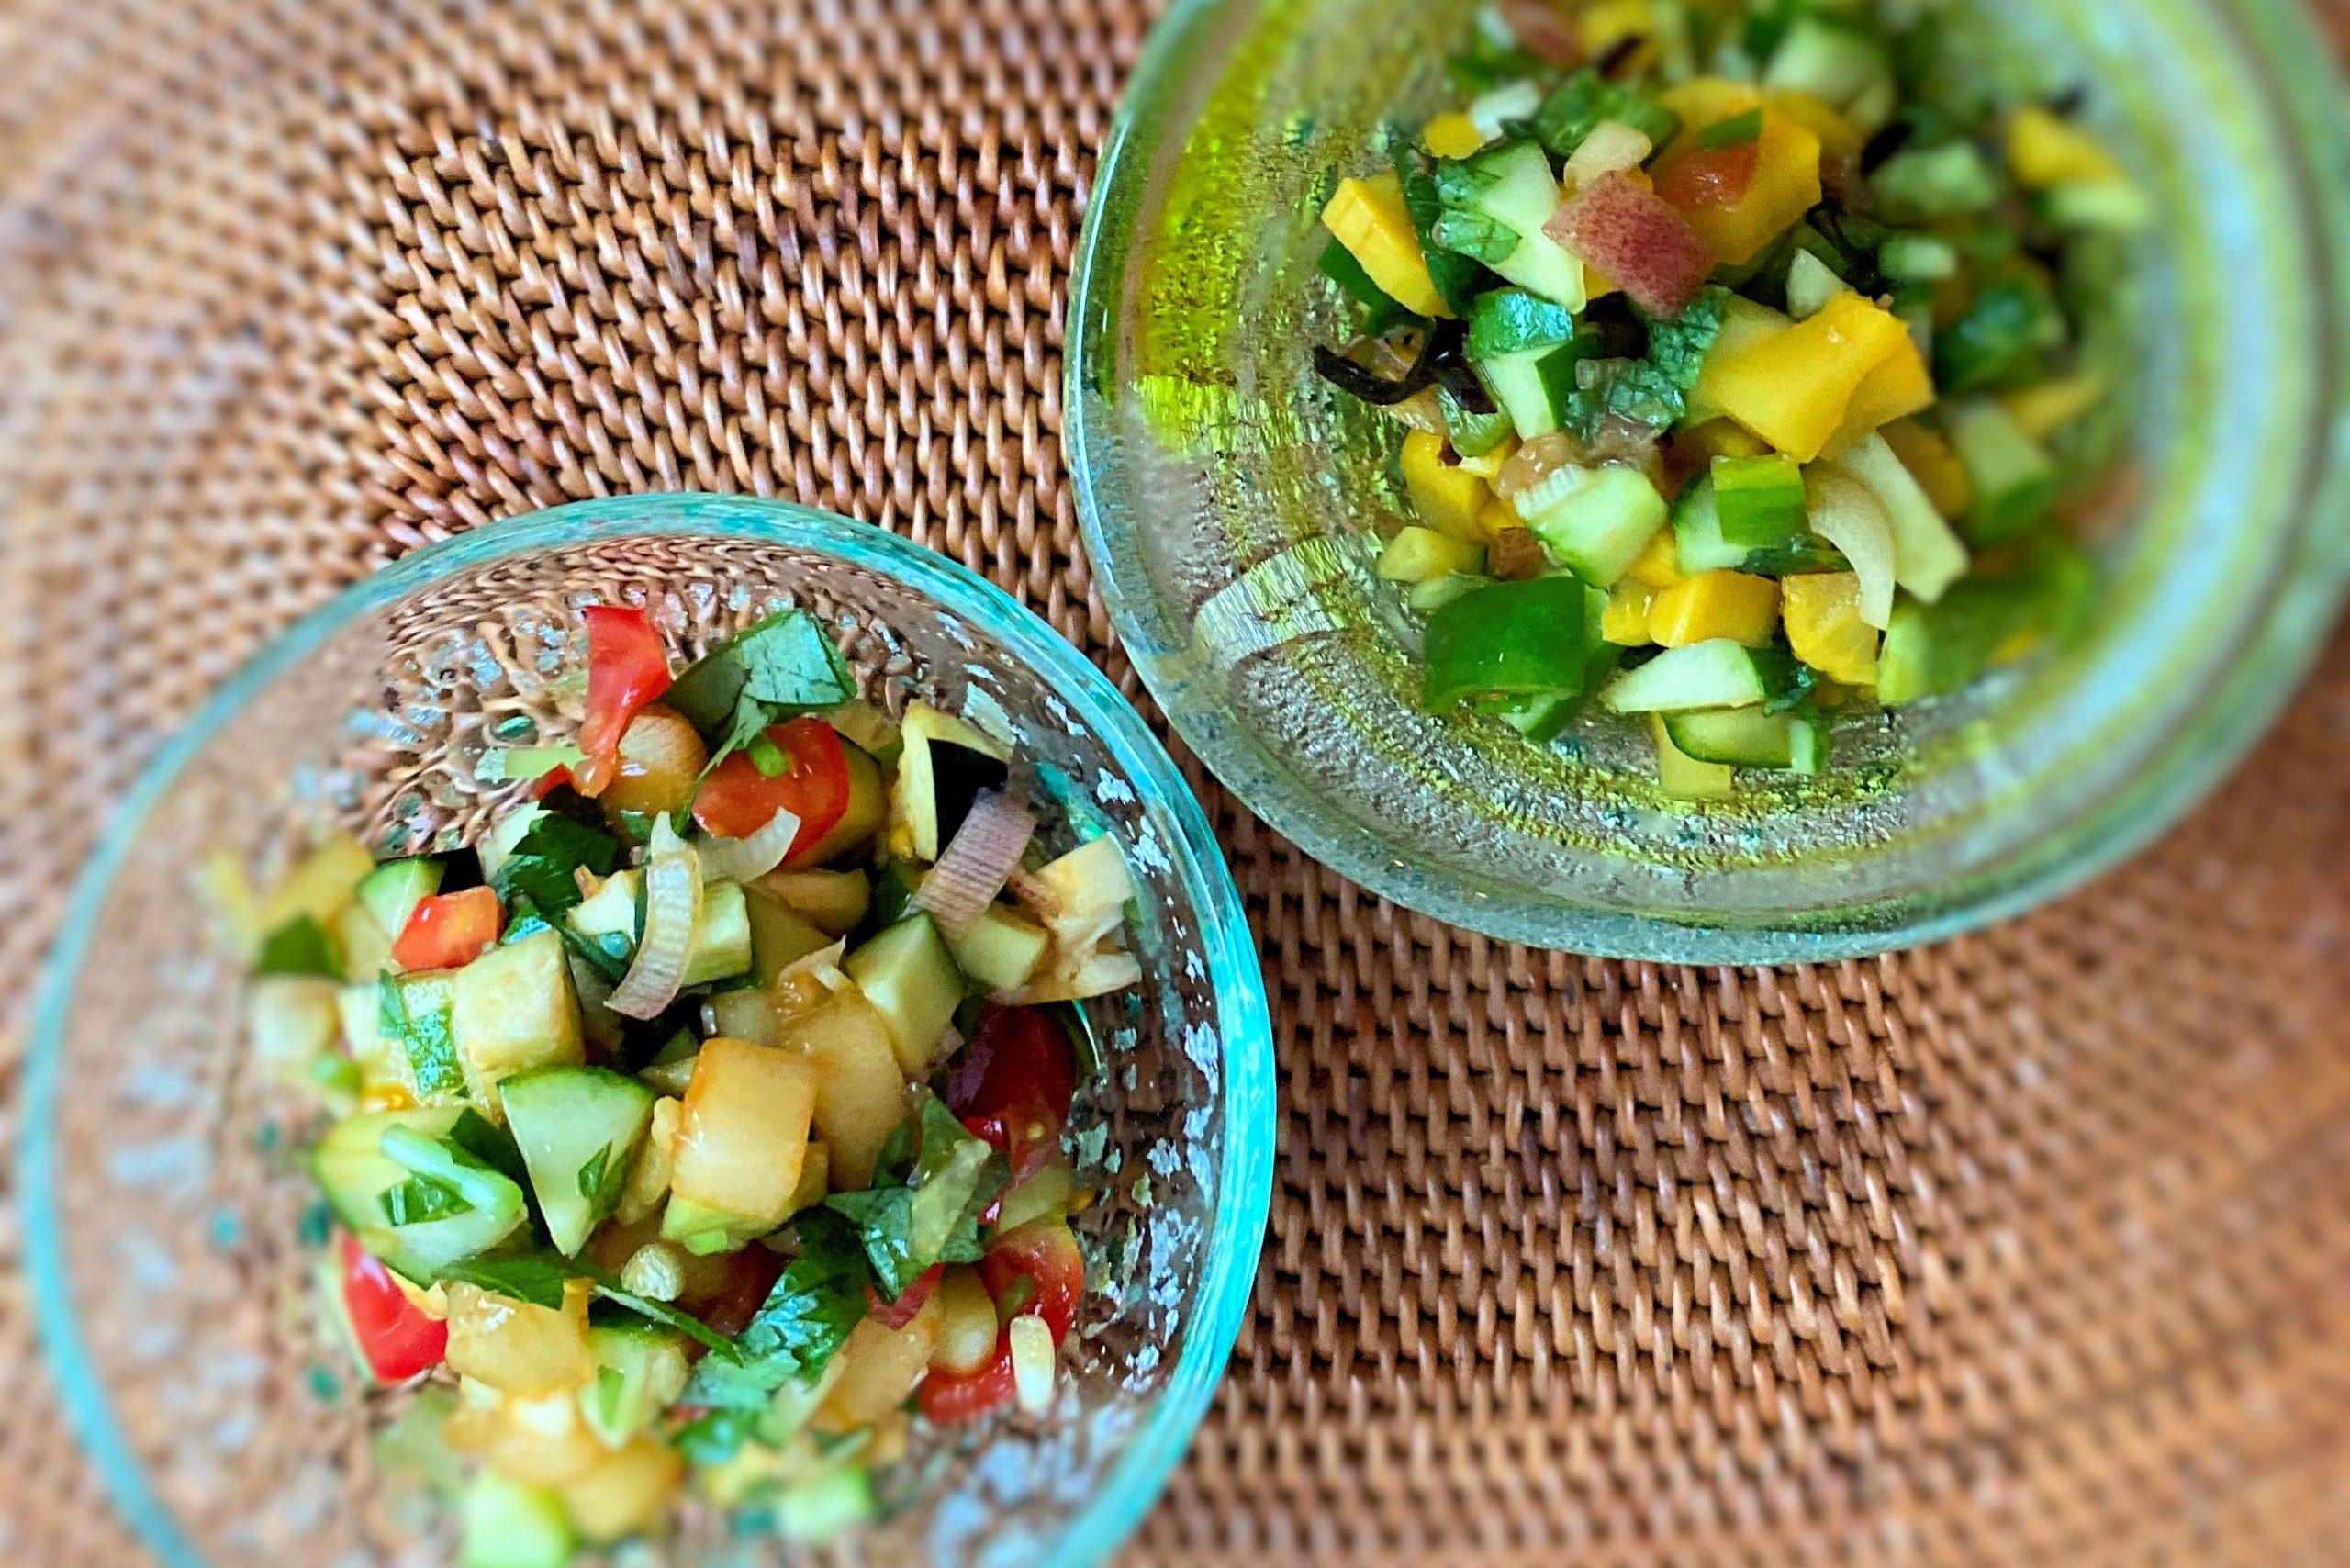 ボウルひとつでOK! 刻んだ野菜でビタミン補給!!さらっと食べられる郷土の銘品、山形の「だし」アレンジ